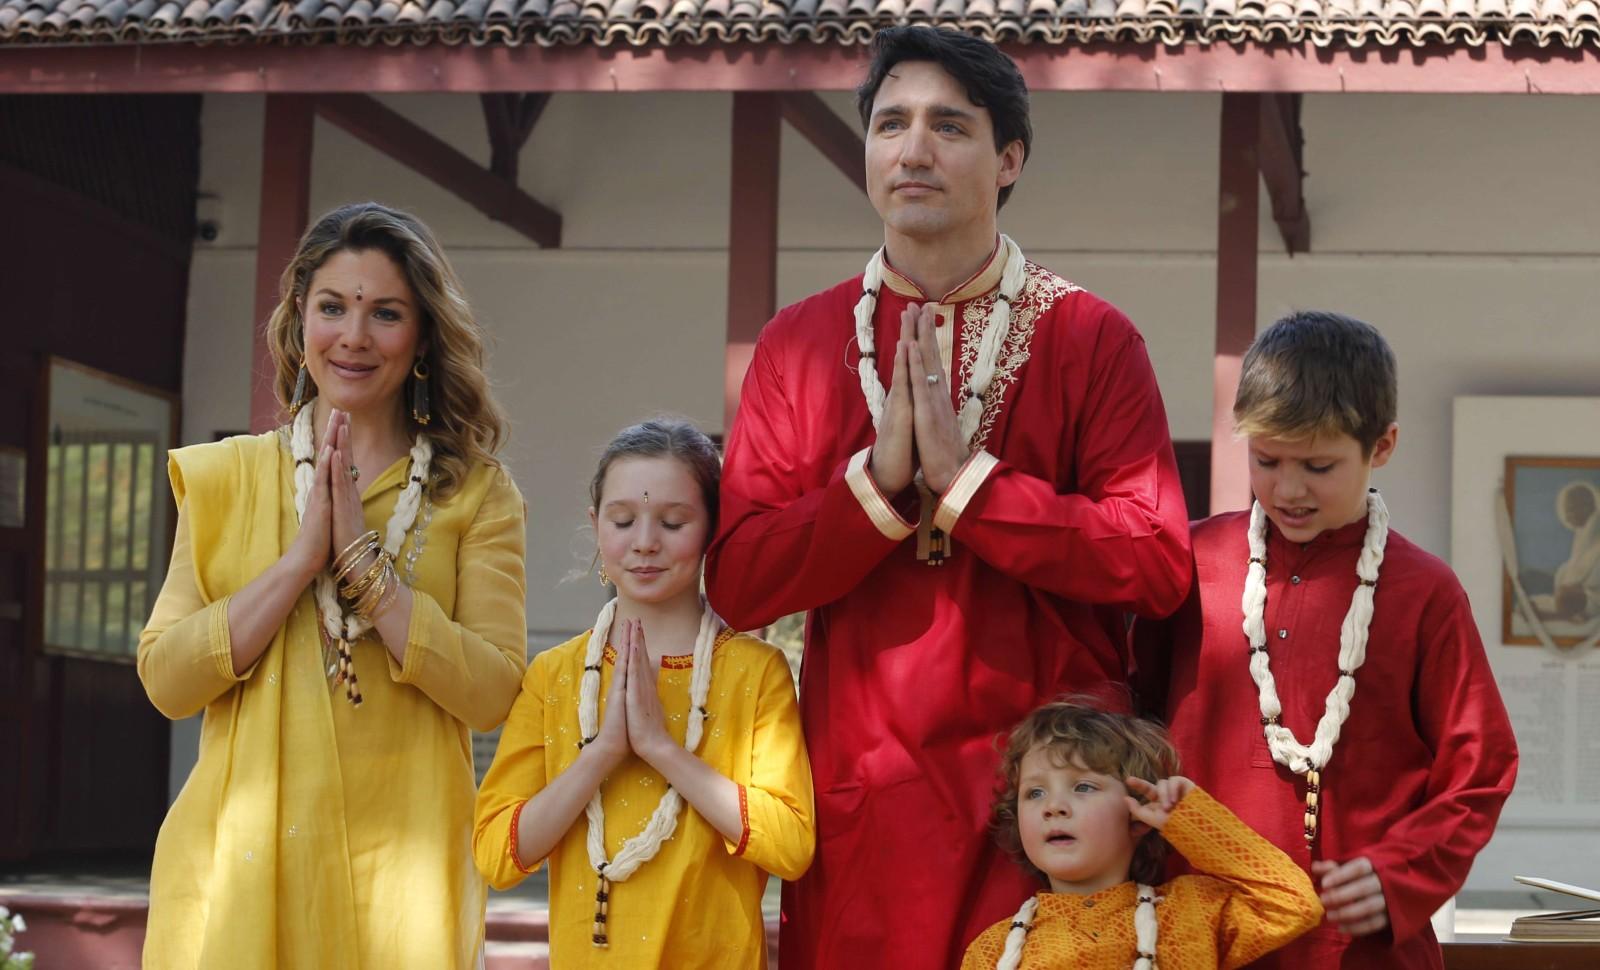 Le Premier ministre canadien Justin Trudeau et sa famille en visite en Inde, en 2018 © Ajit Solanki/AP/SIPA Numéro de reportage : AP22168313_000001